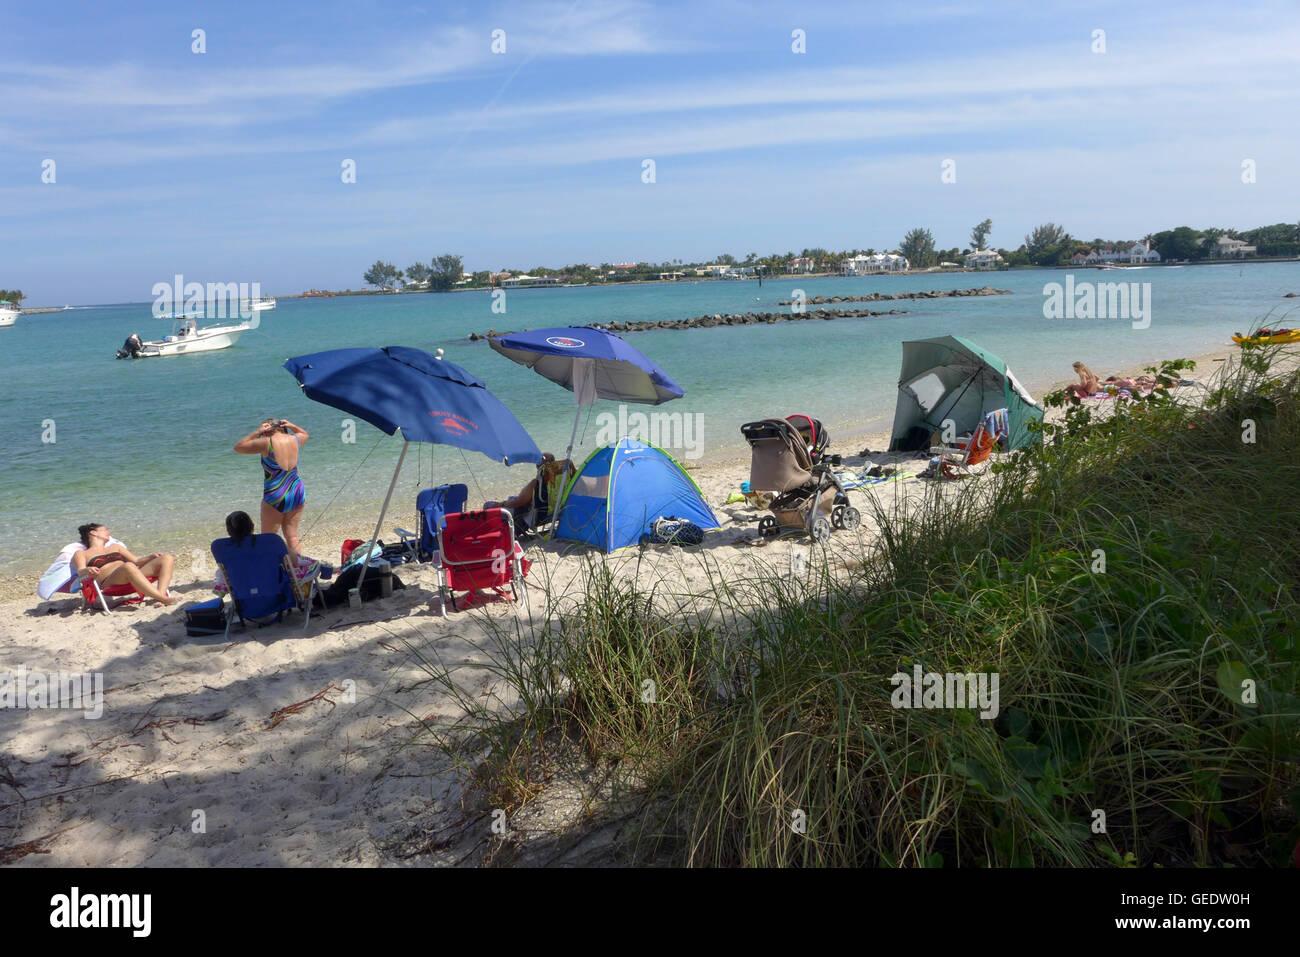 Erdnuss-Insel in Palm Beach County South Florida ist ein von Menschenhand geschaffenen Insel-Park und Ort verwöhnen. Stockbild